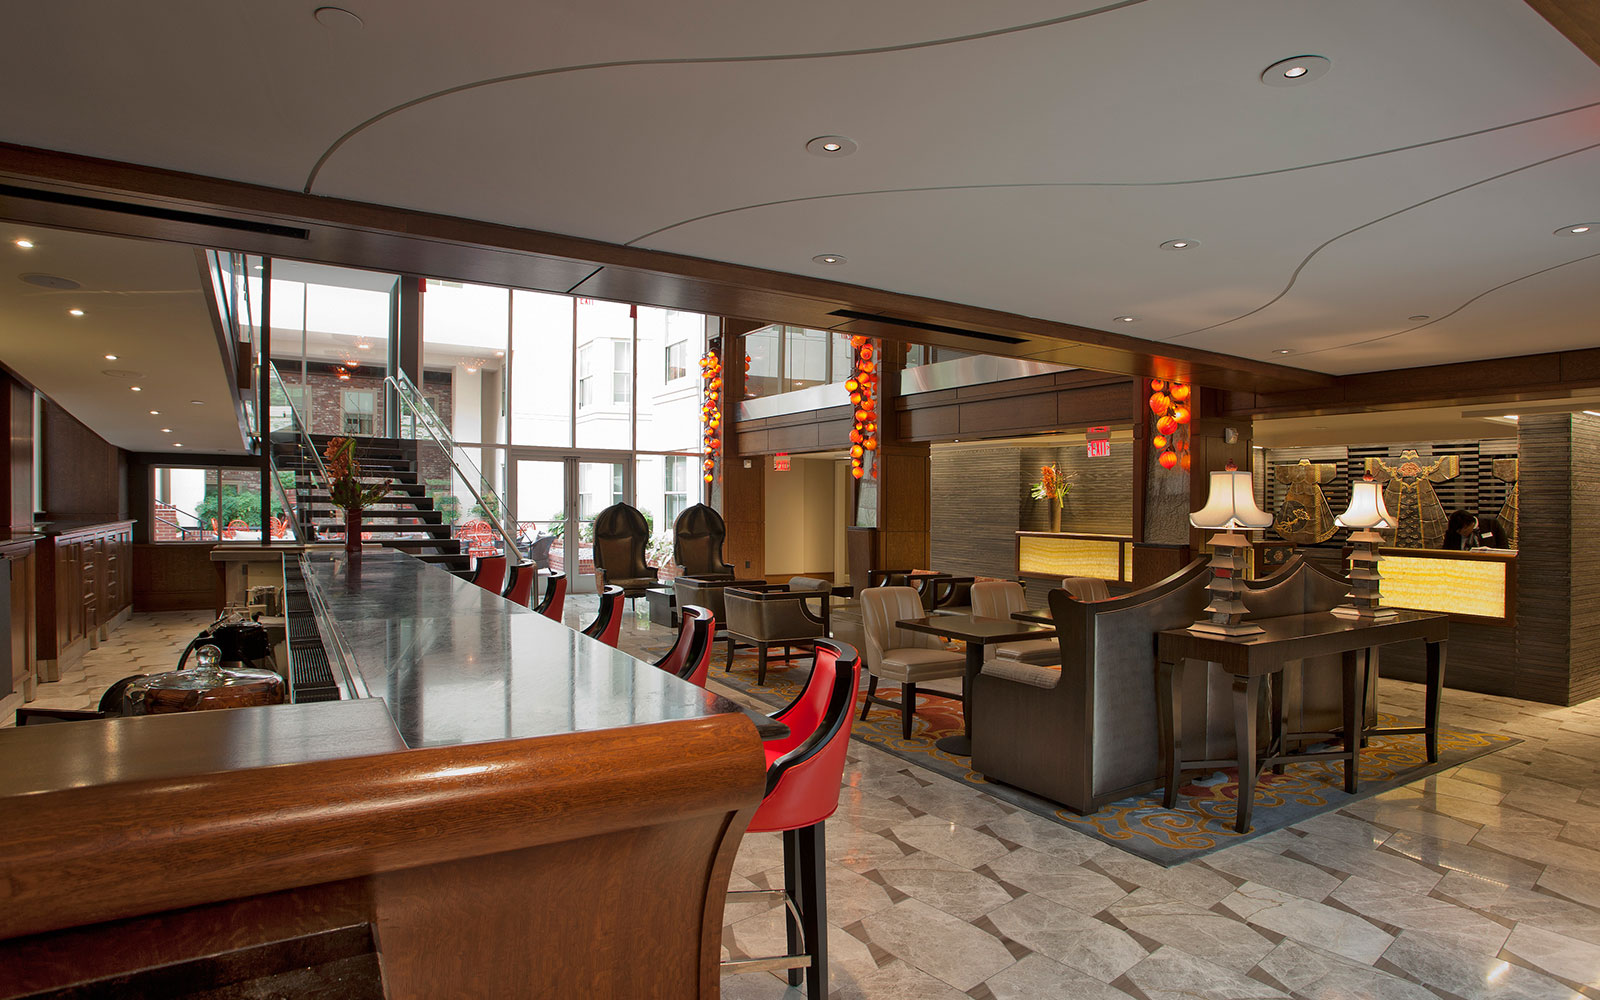 Overview of Morrison-Clark Historic Inn & Restaurant - Washington, DC